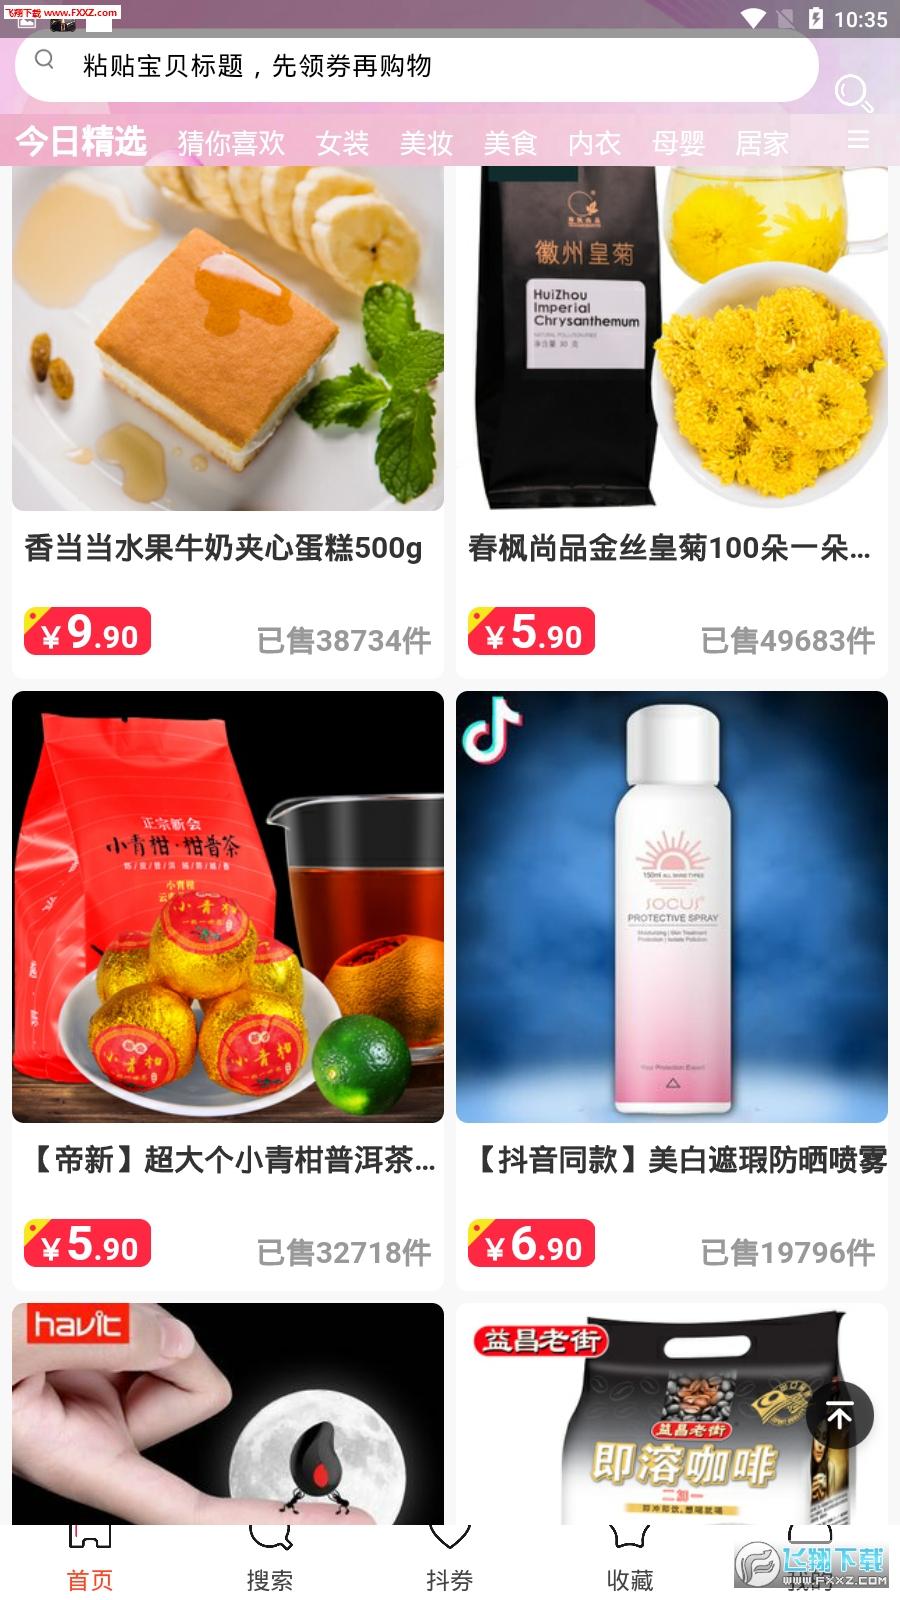 优品快讯appv4.0.26截图2